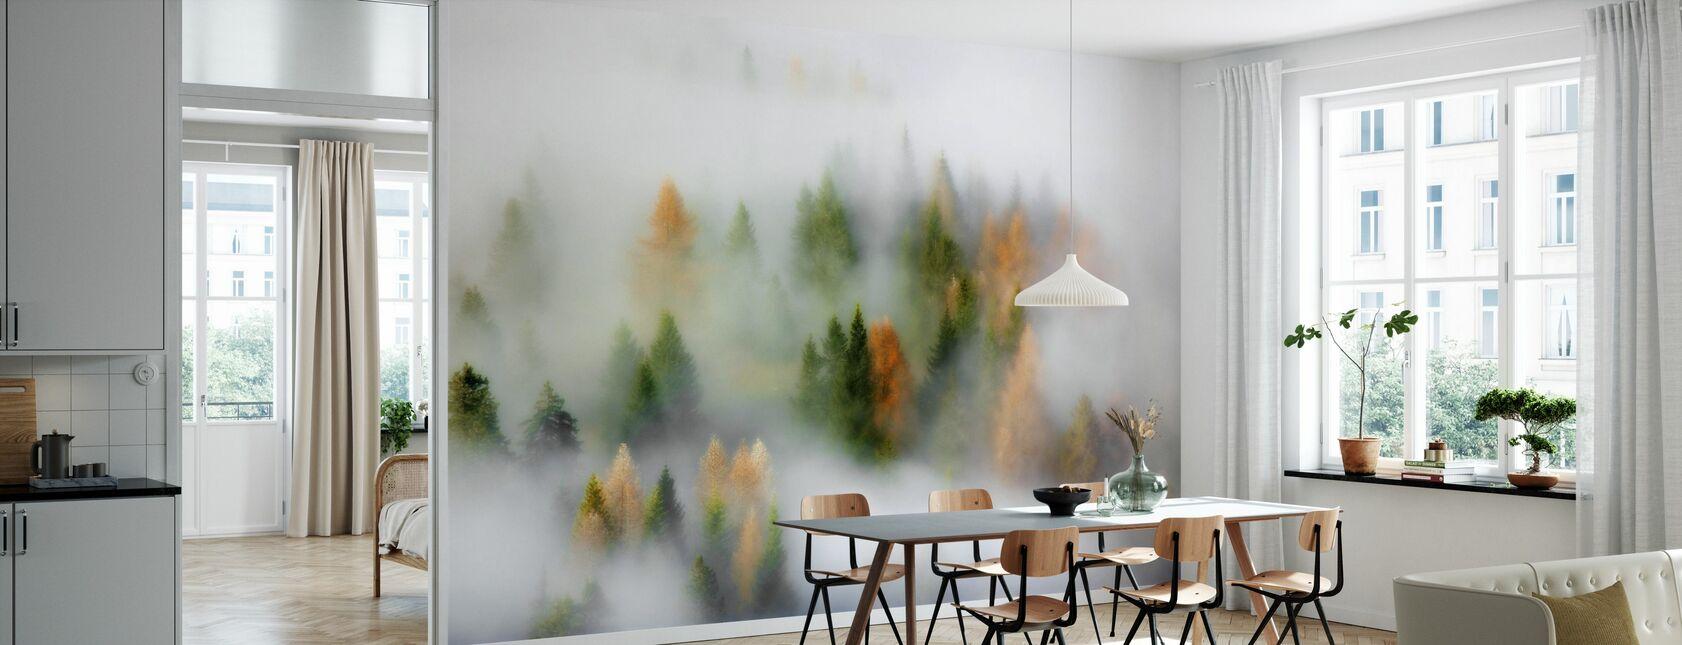 Misty Autumn - Wallpaper - Kitchen